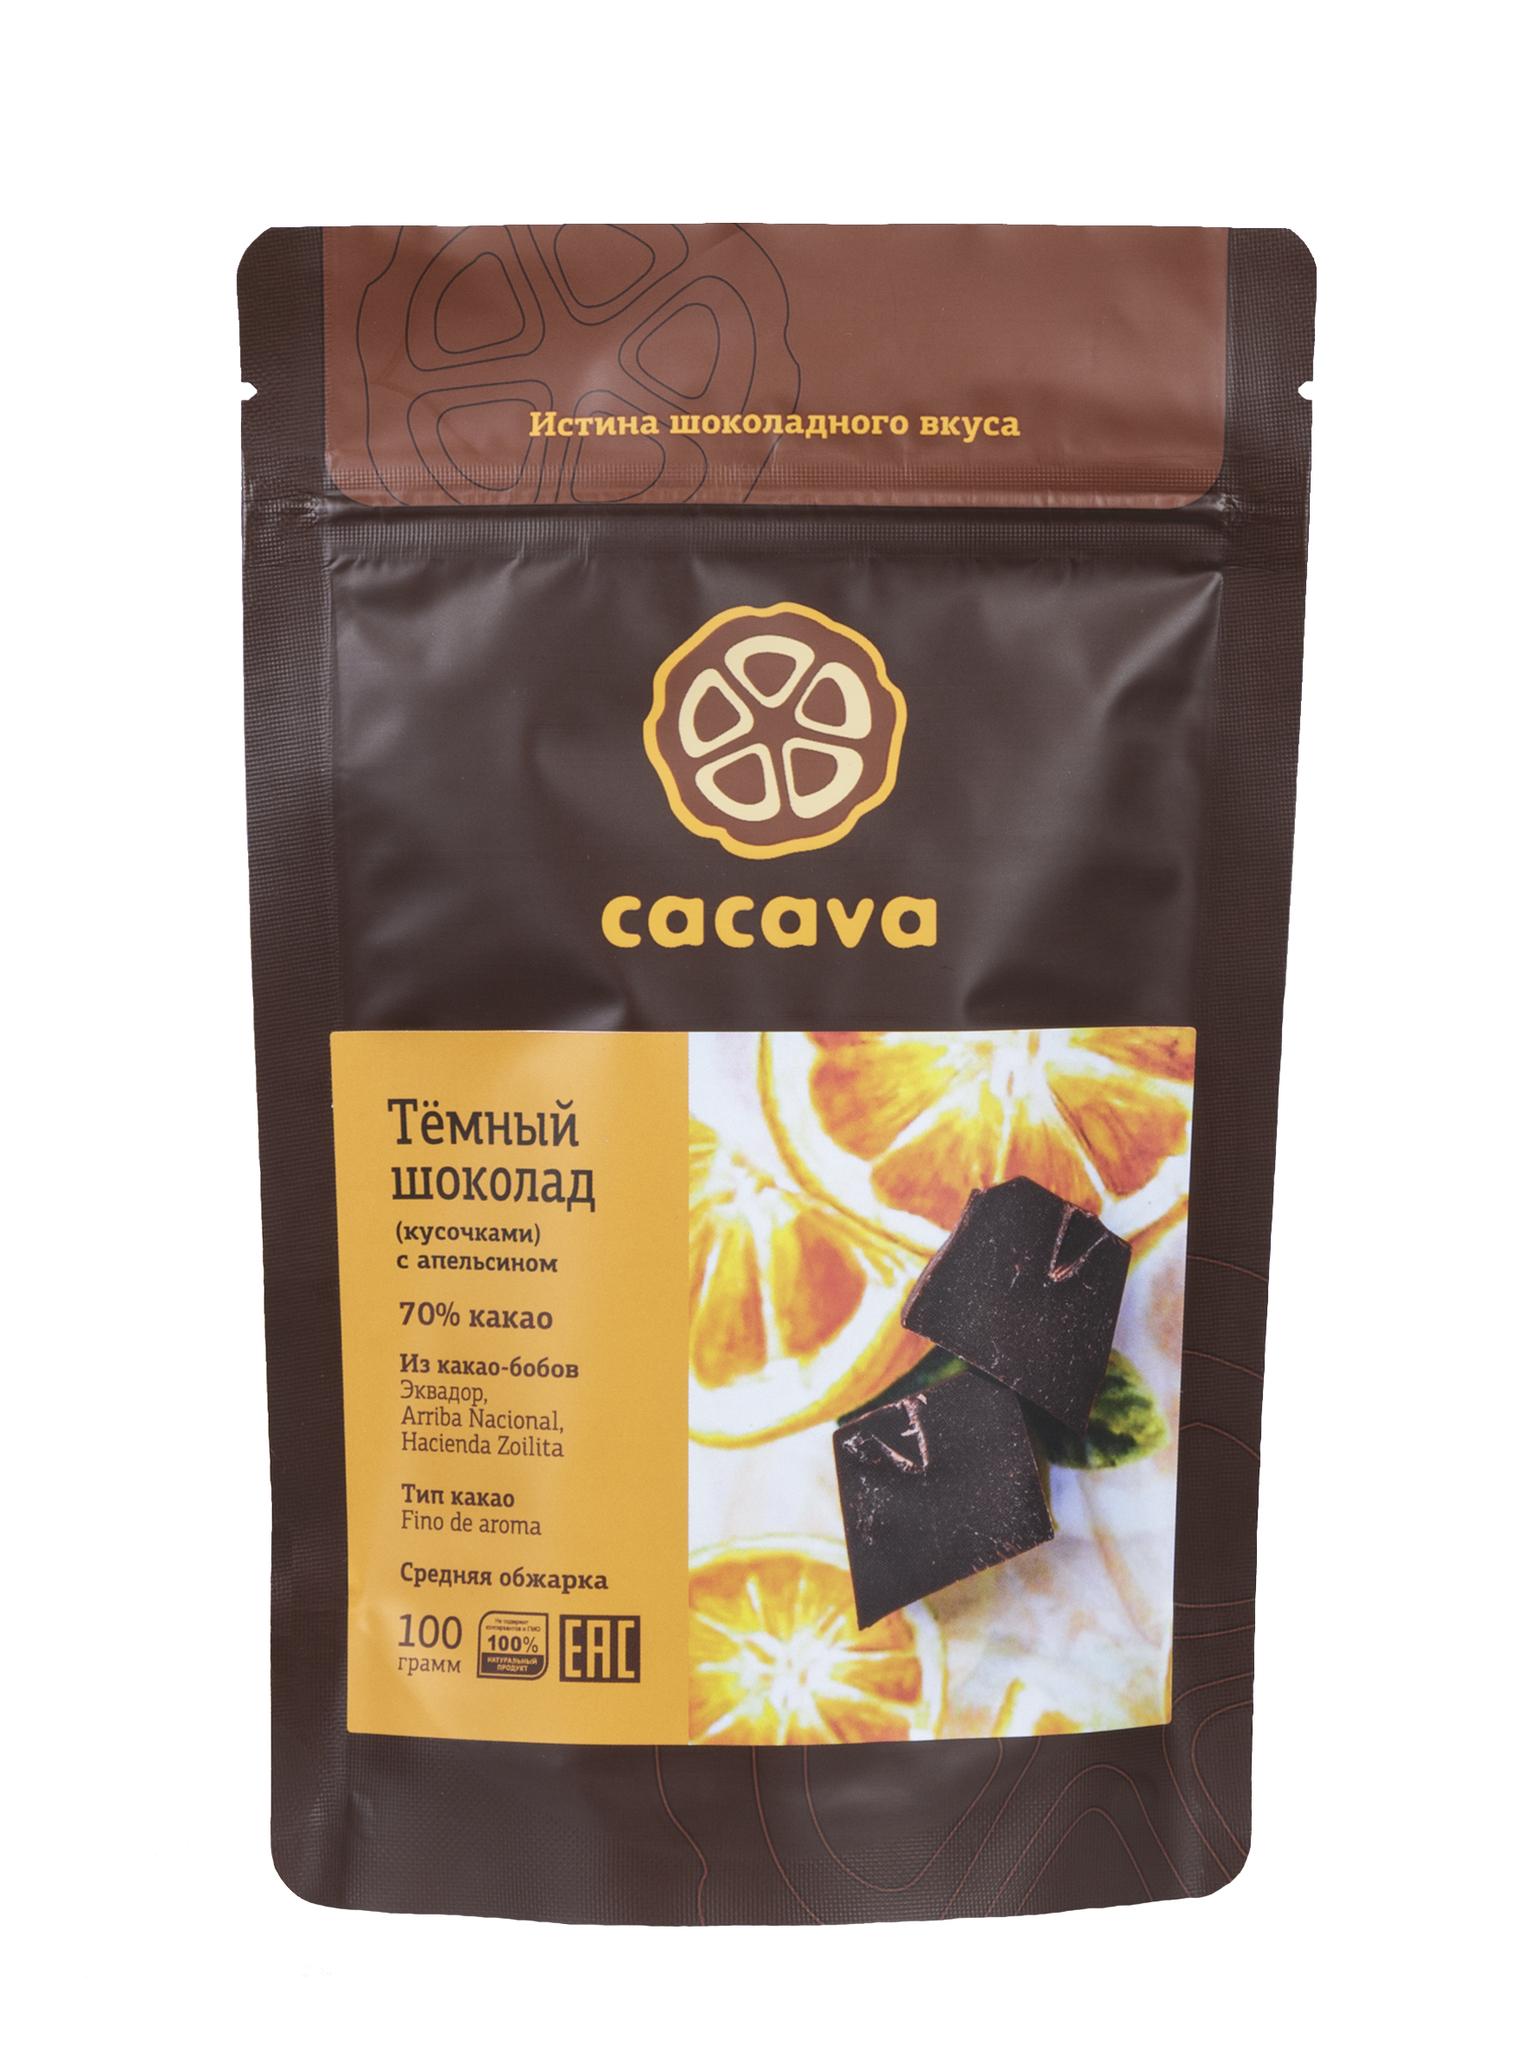 Тёмный шоколад с апельсином 70 % какао (Эквадор), упаковка 100 грамм